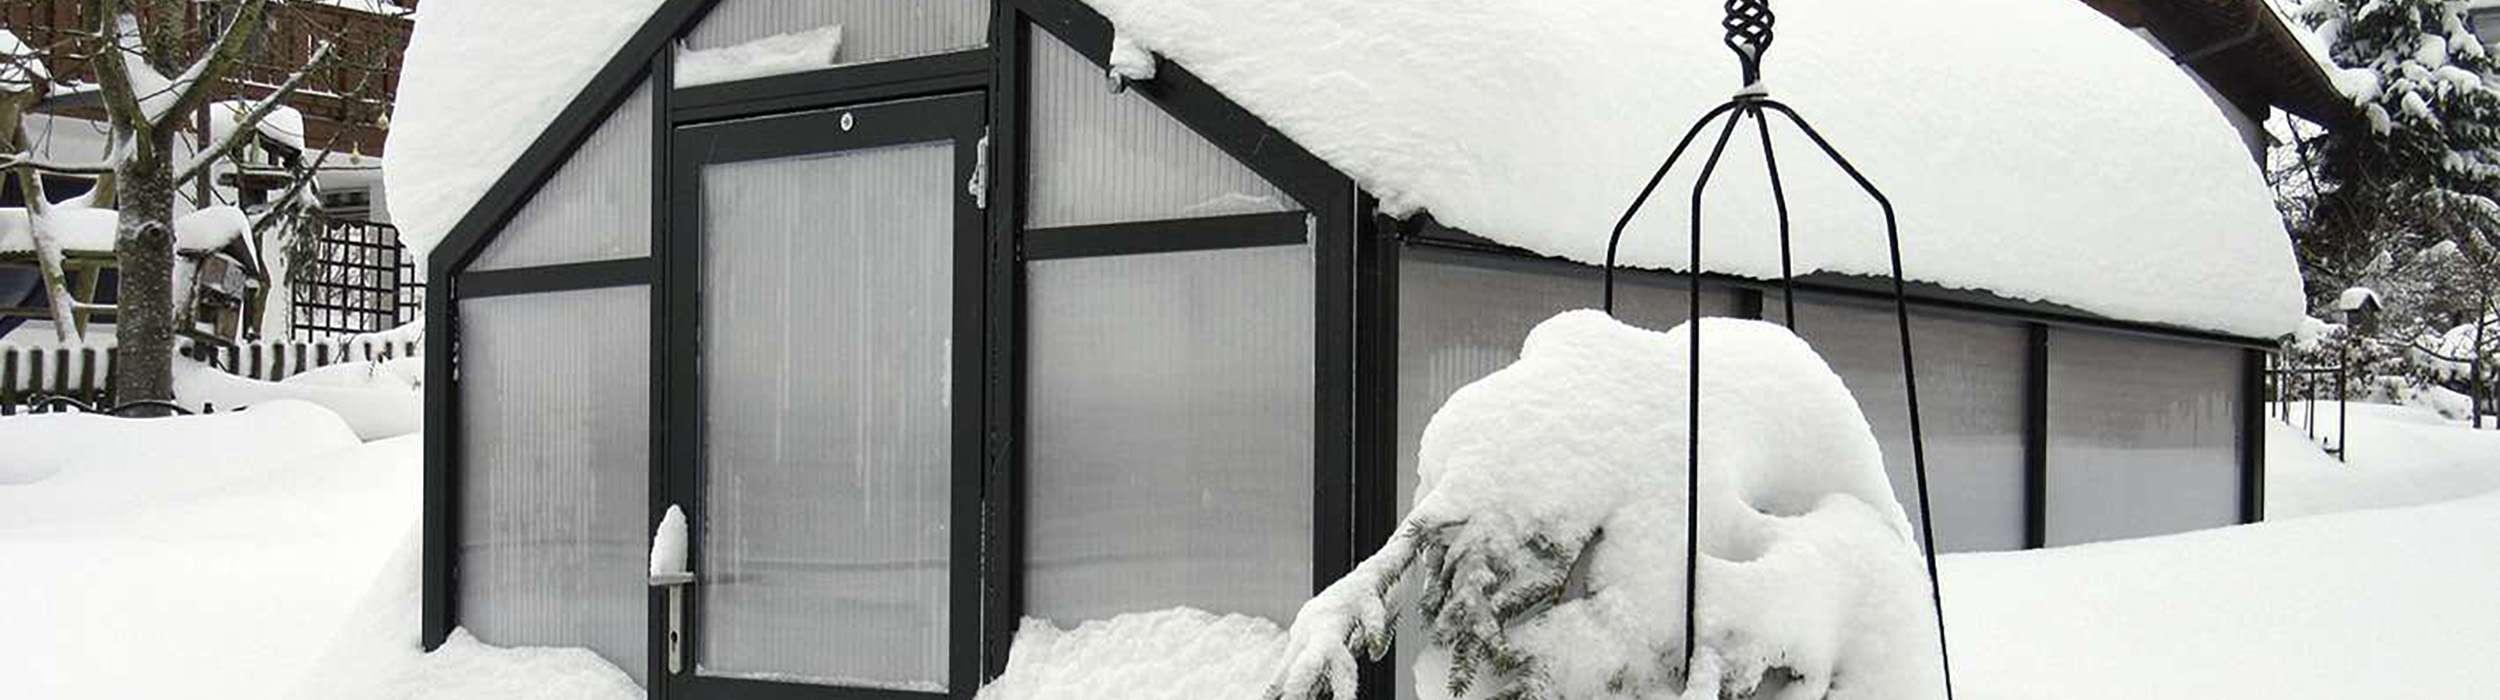 Super Gewächshaus – Frostschutz und Überwinterung &MO_58